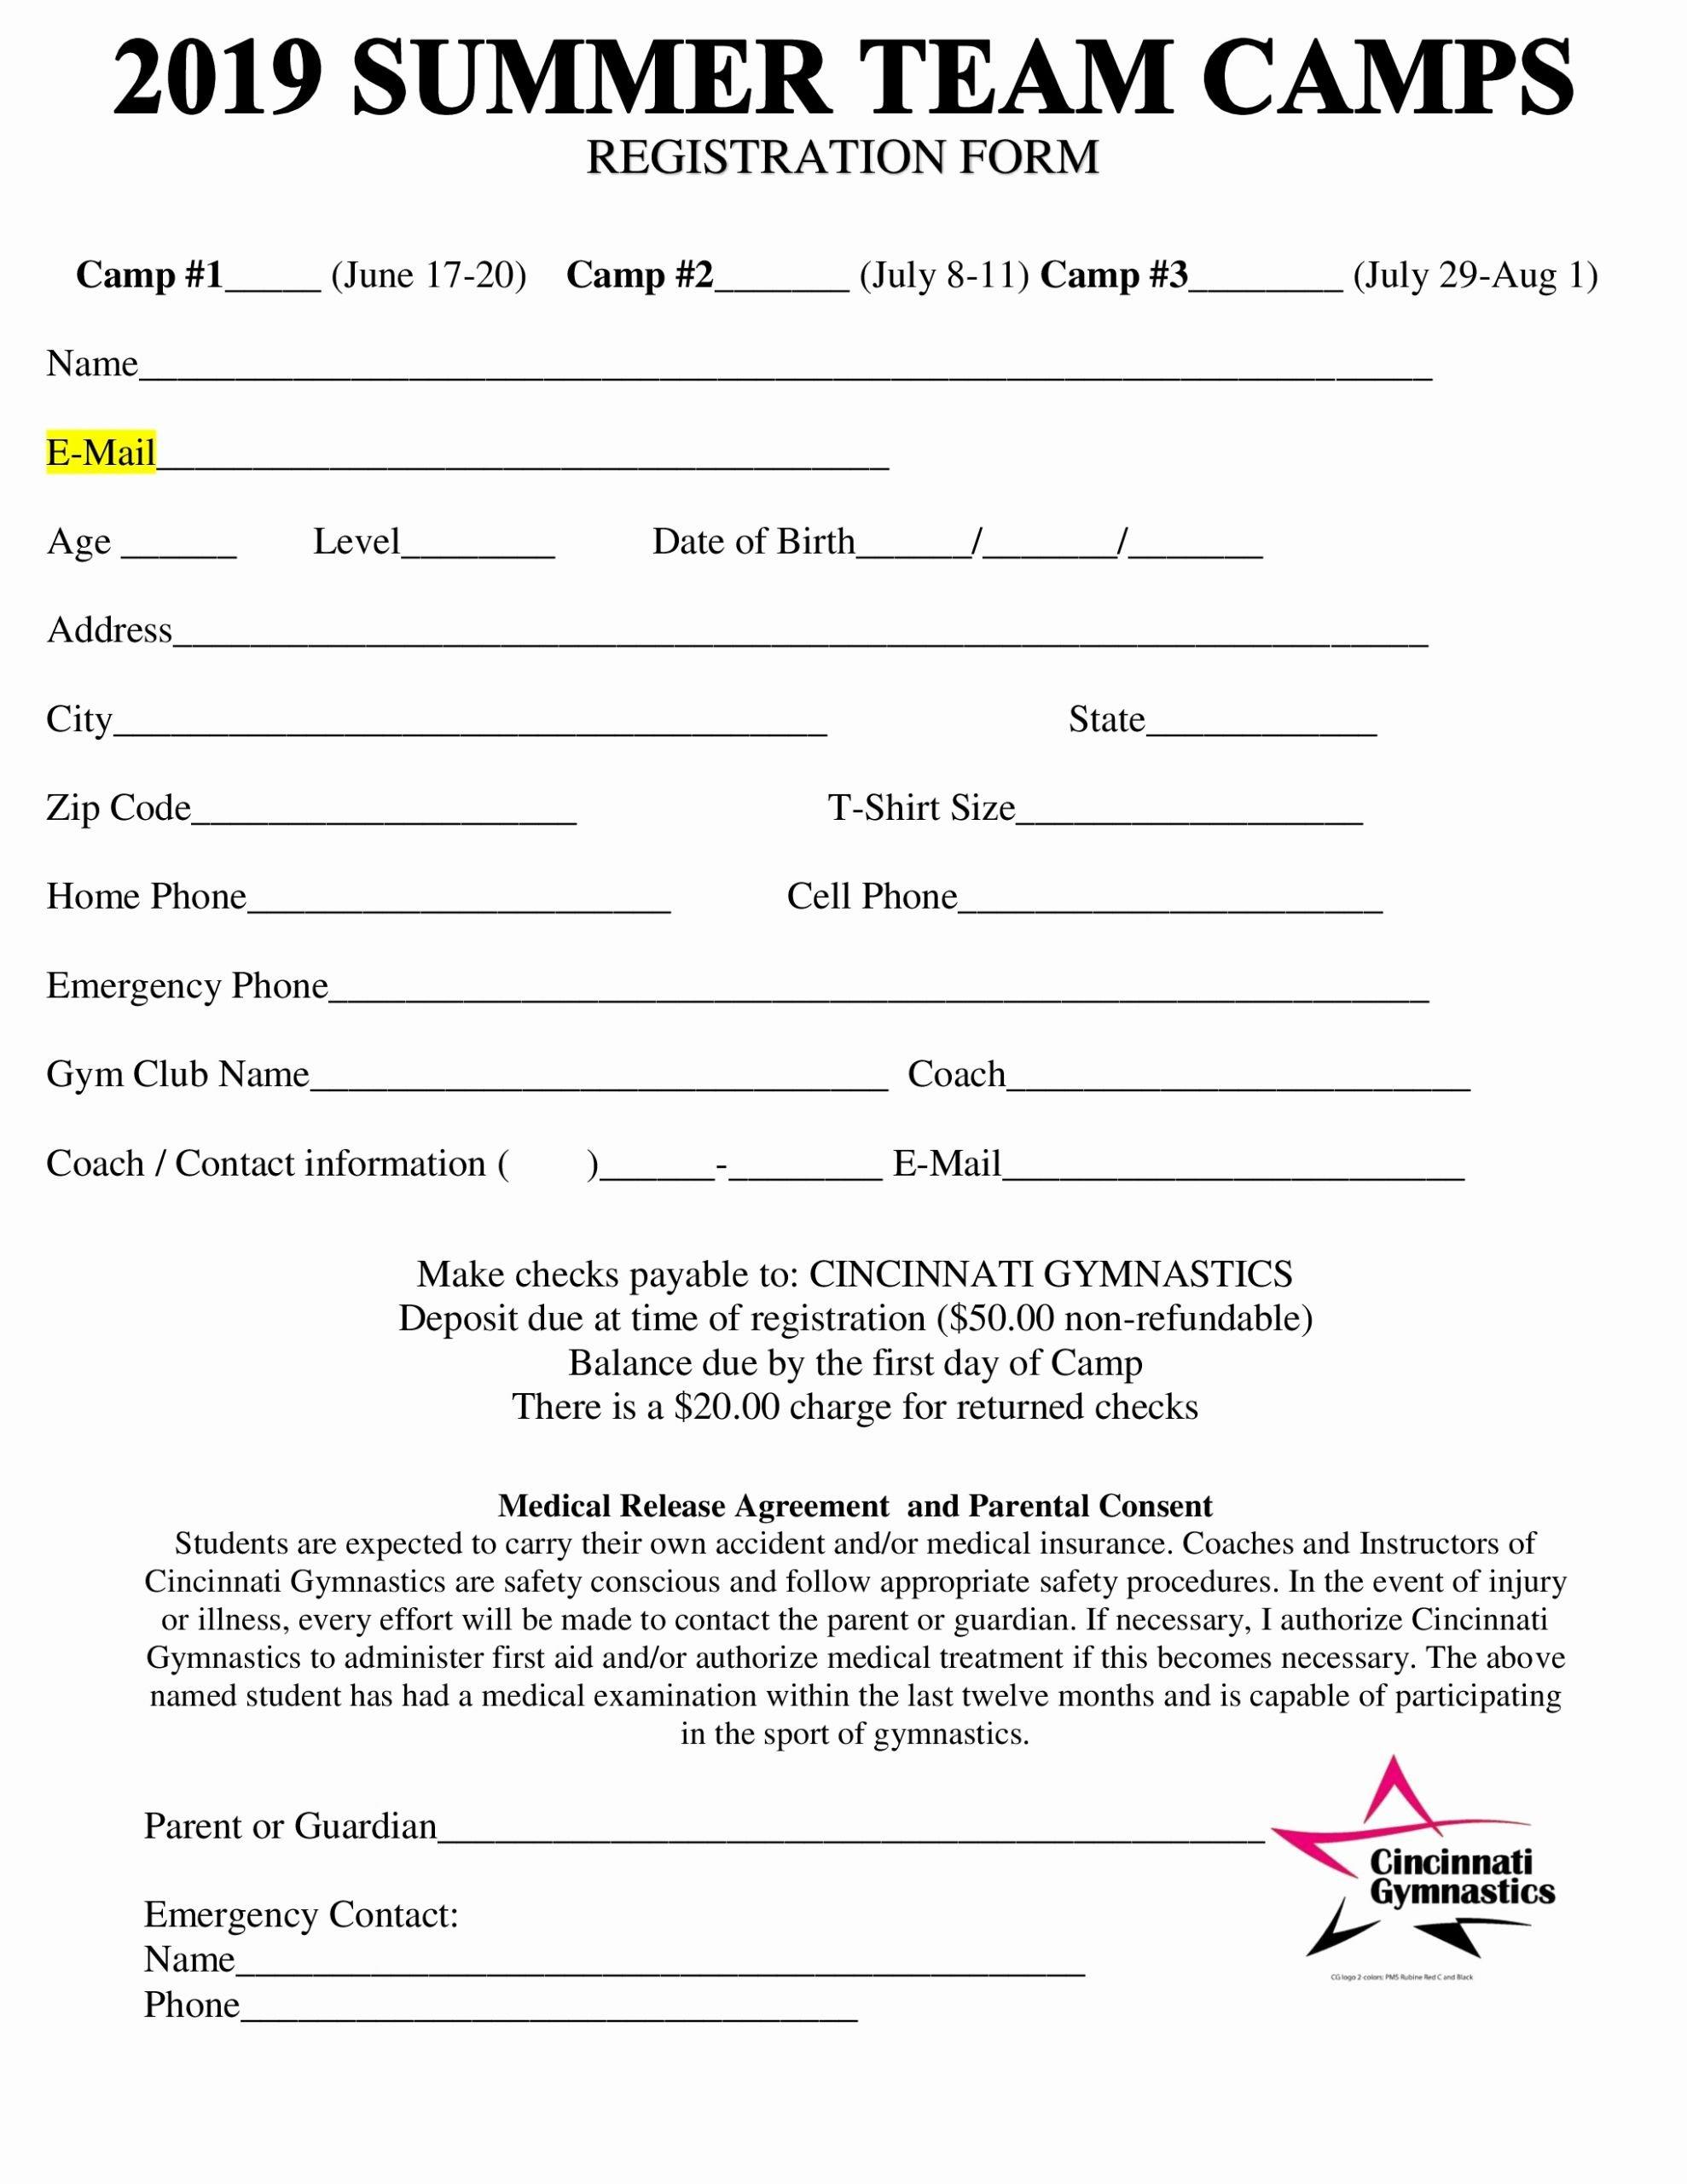 Registration form for Summer Camp Elegant 2019 Summer Team Camps Registration form Cincinnati